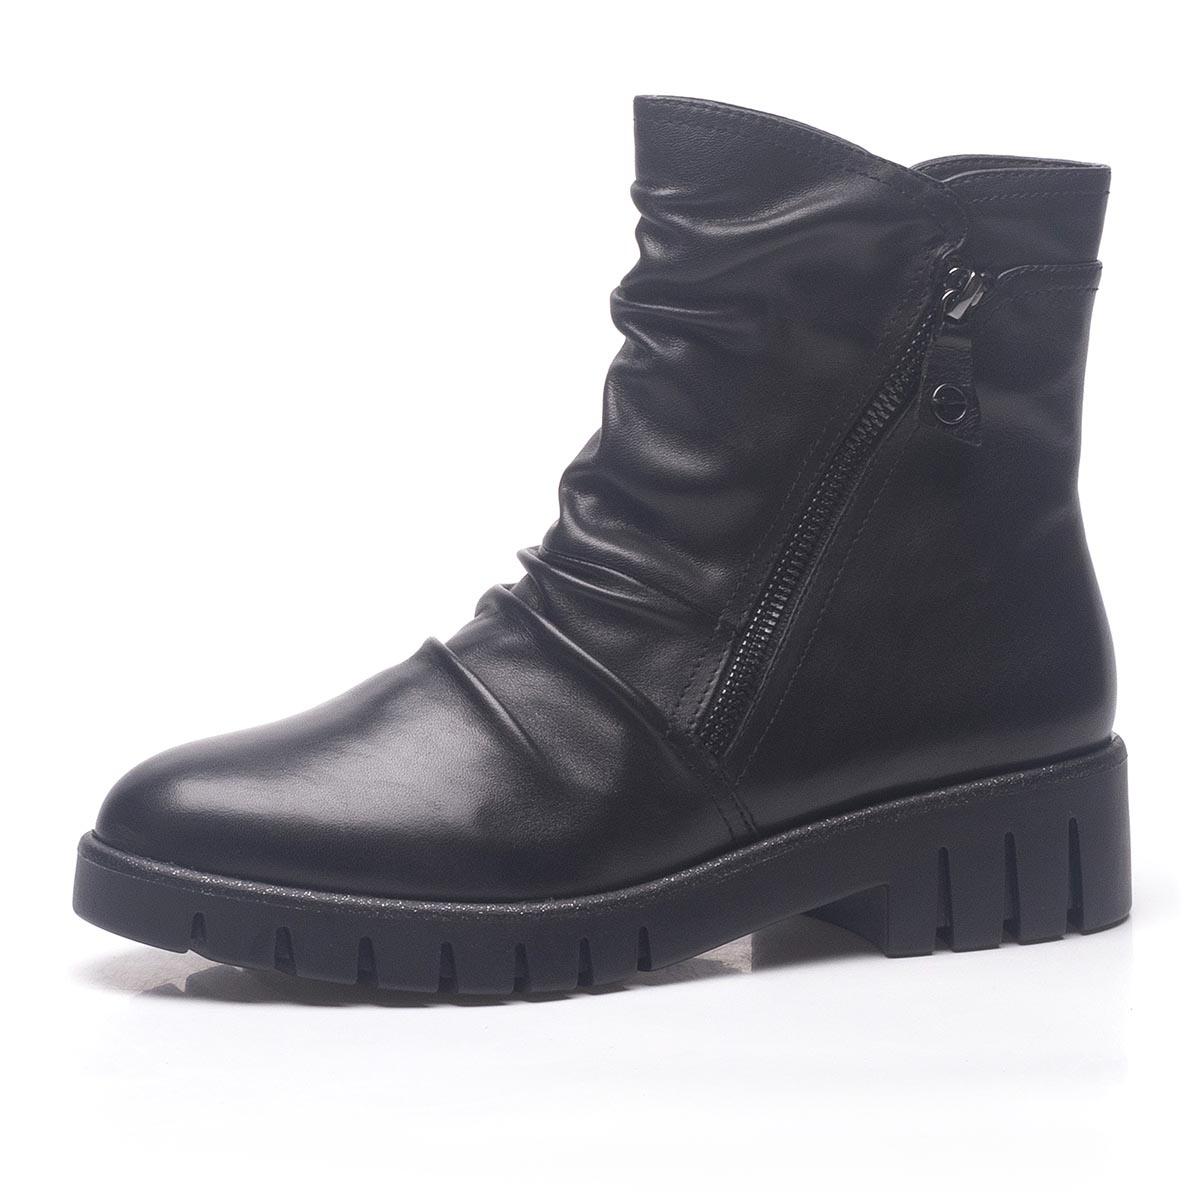 342334f42a detail Dámská obuv TAMARIS 1-1-25431-21 BLACK 001